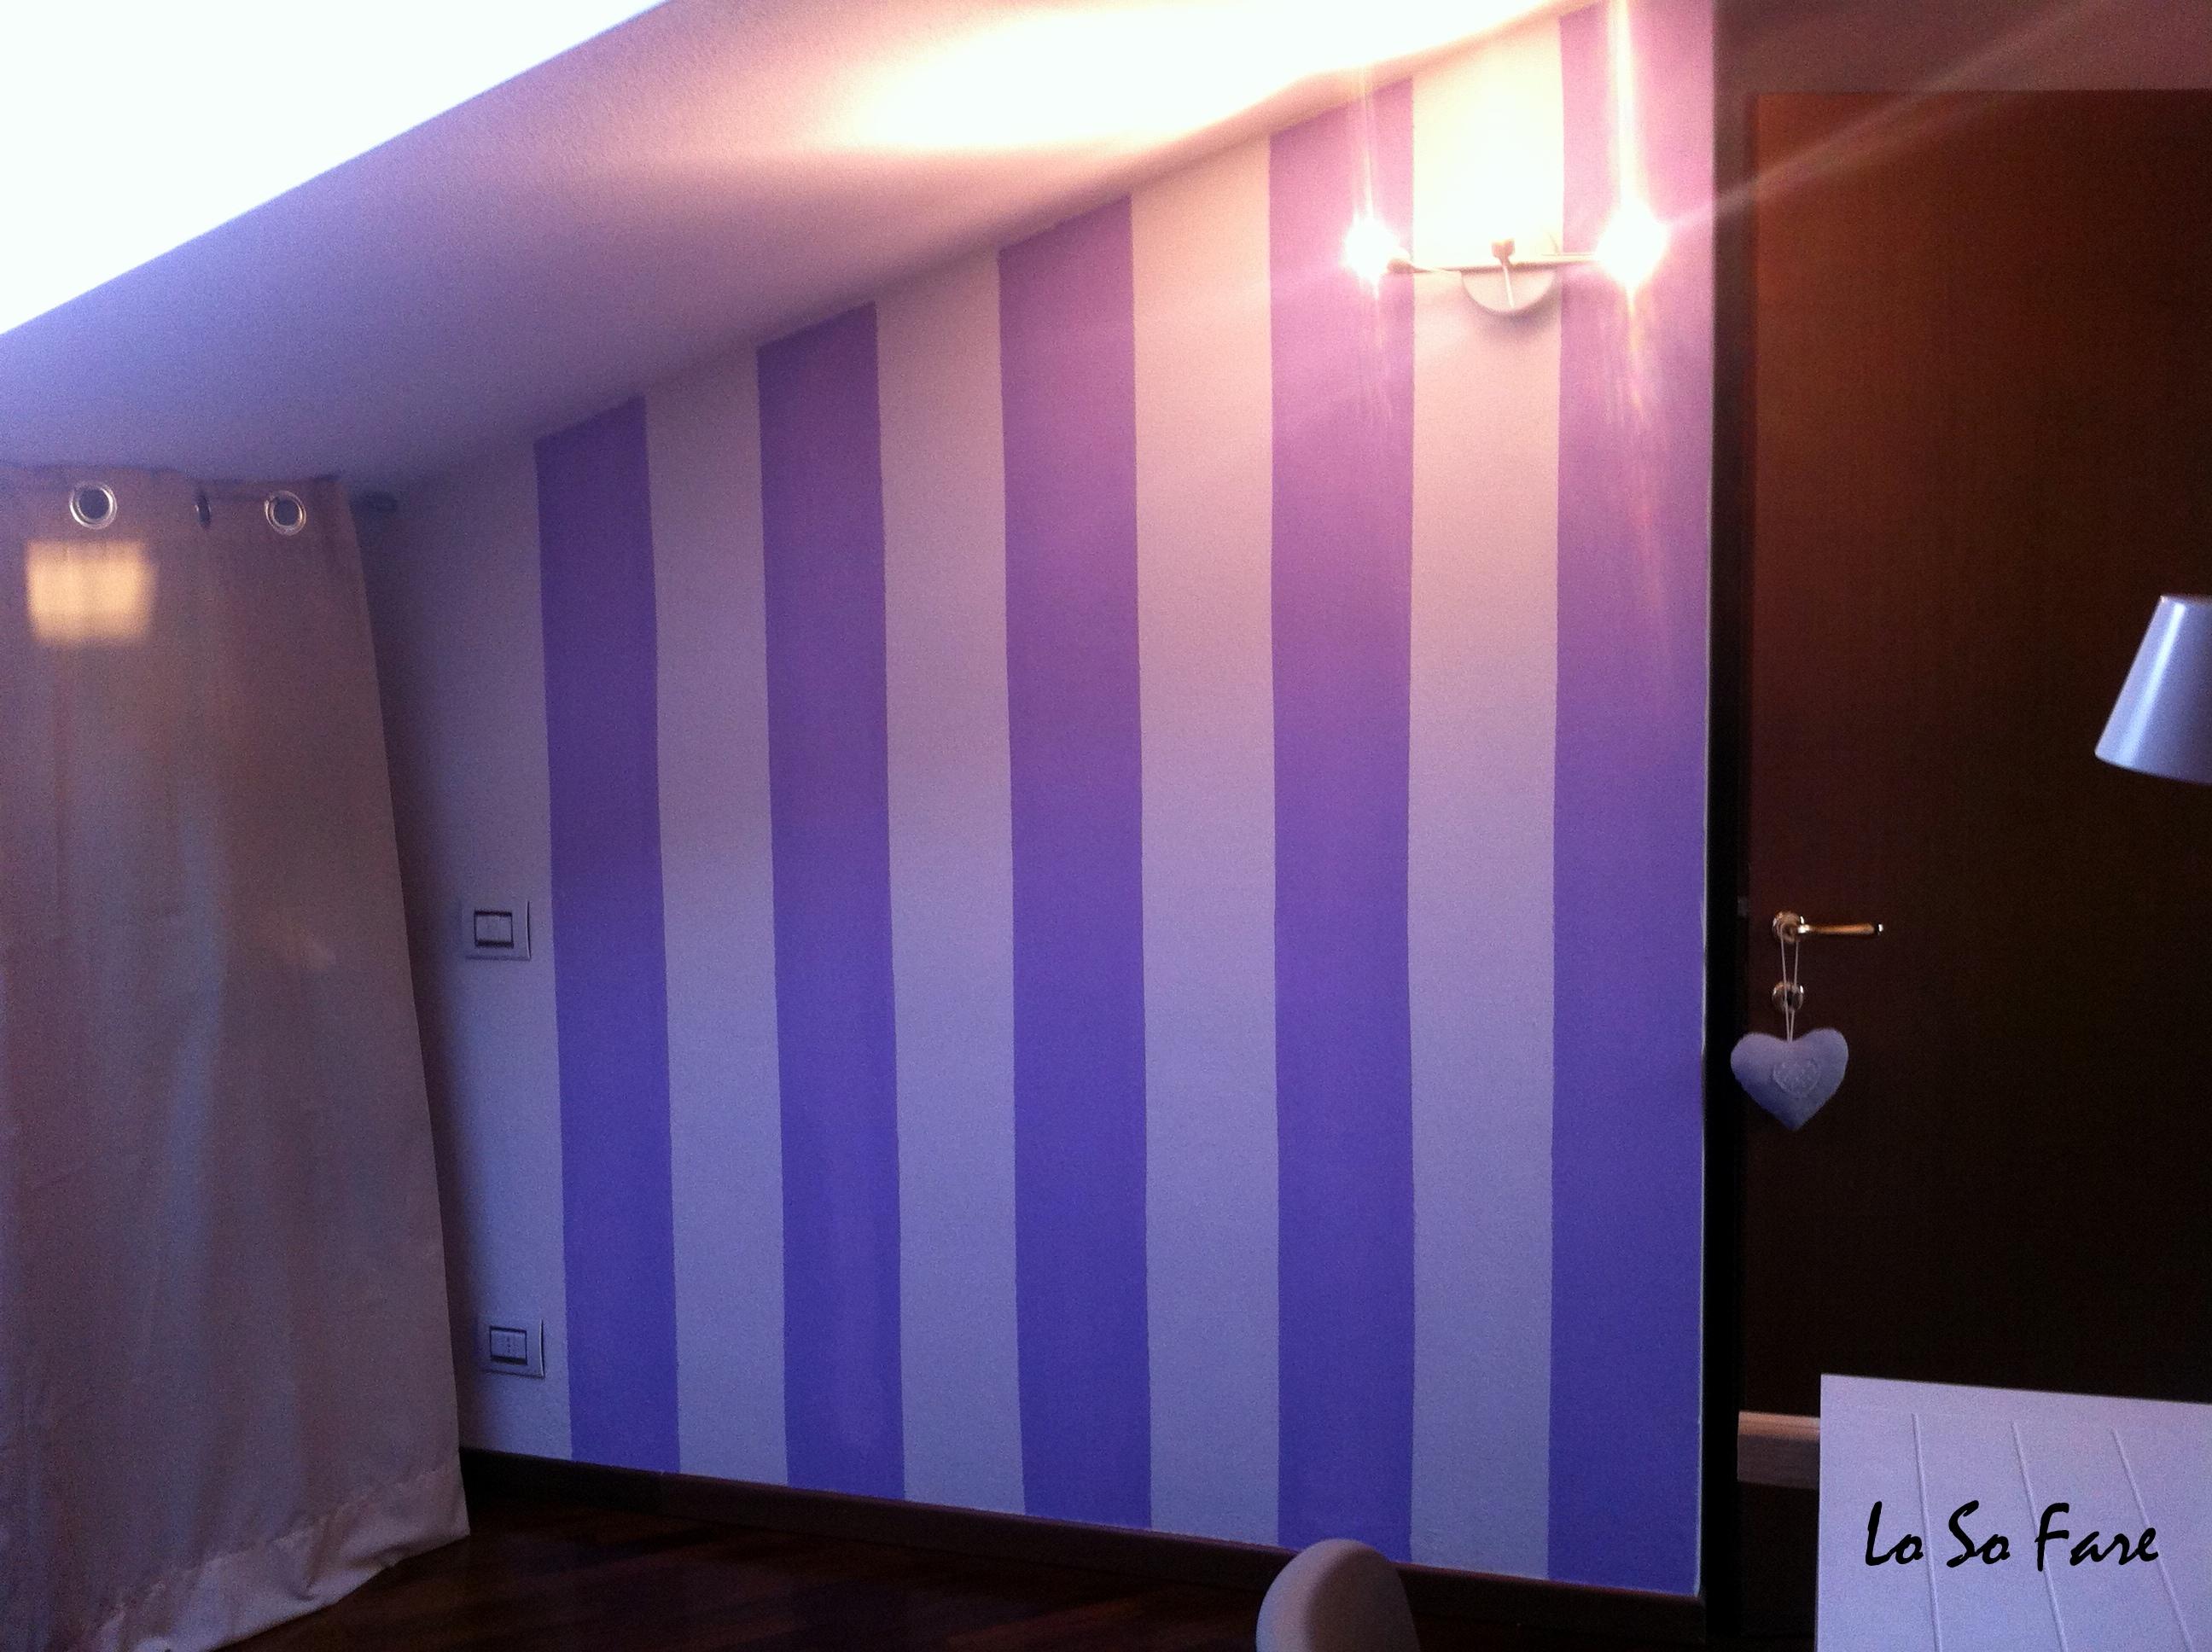 Le pitture migliori per le pareti di una camera da letto. Colore Righe E Stancil Losofare